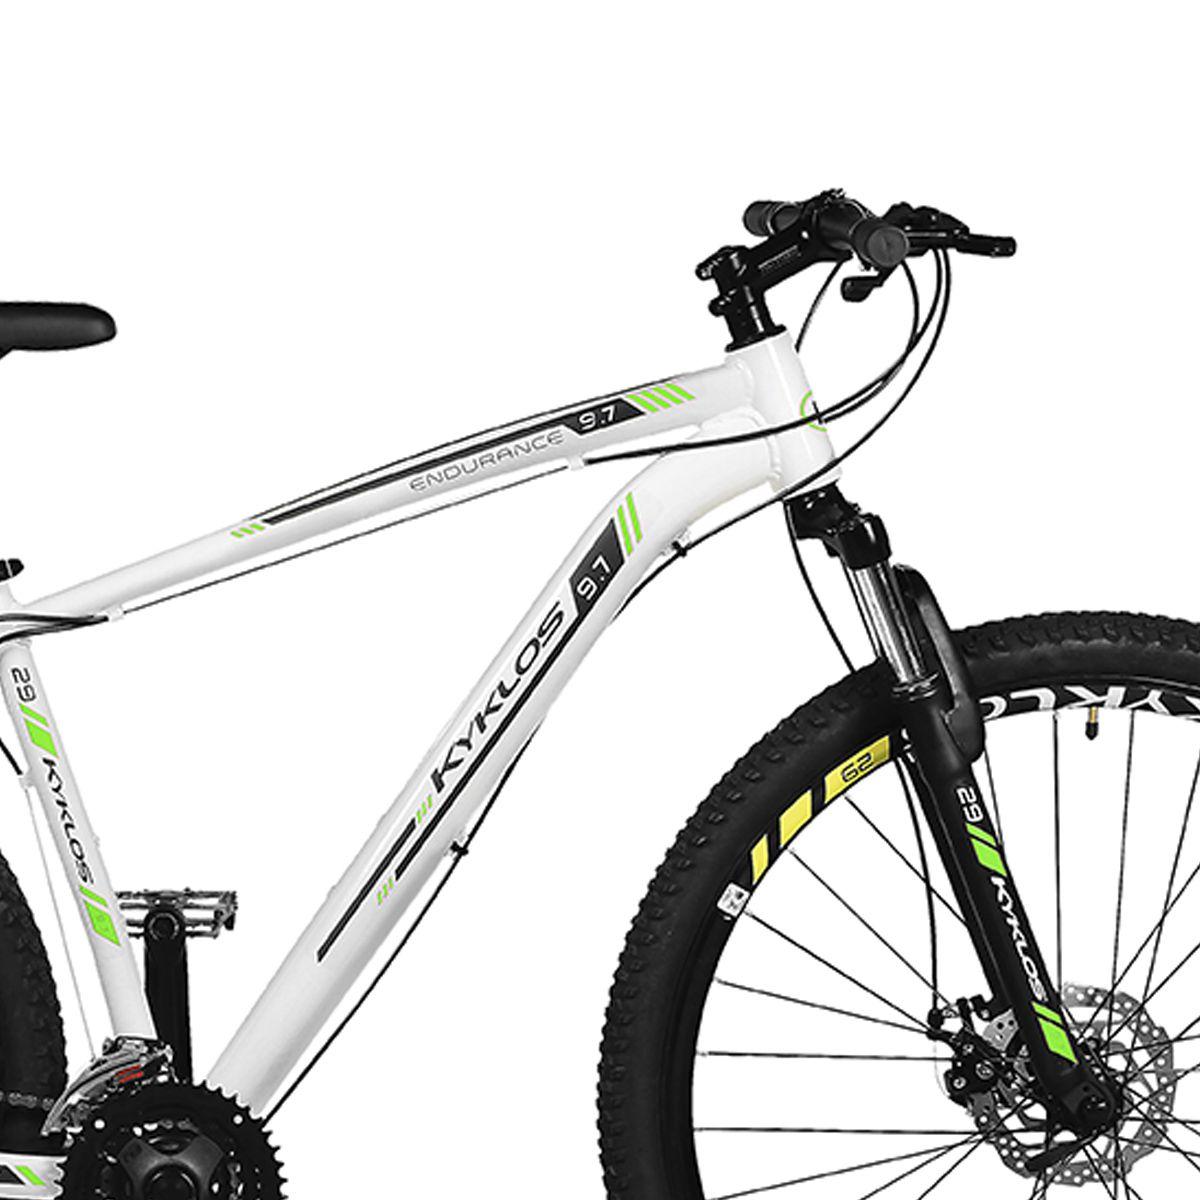 Bicicleta Kyklos Aro 29 Endurance 9.7 24V Freio a Disco com Suspensão A-36 Branco/Verde